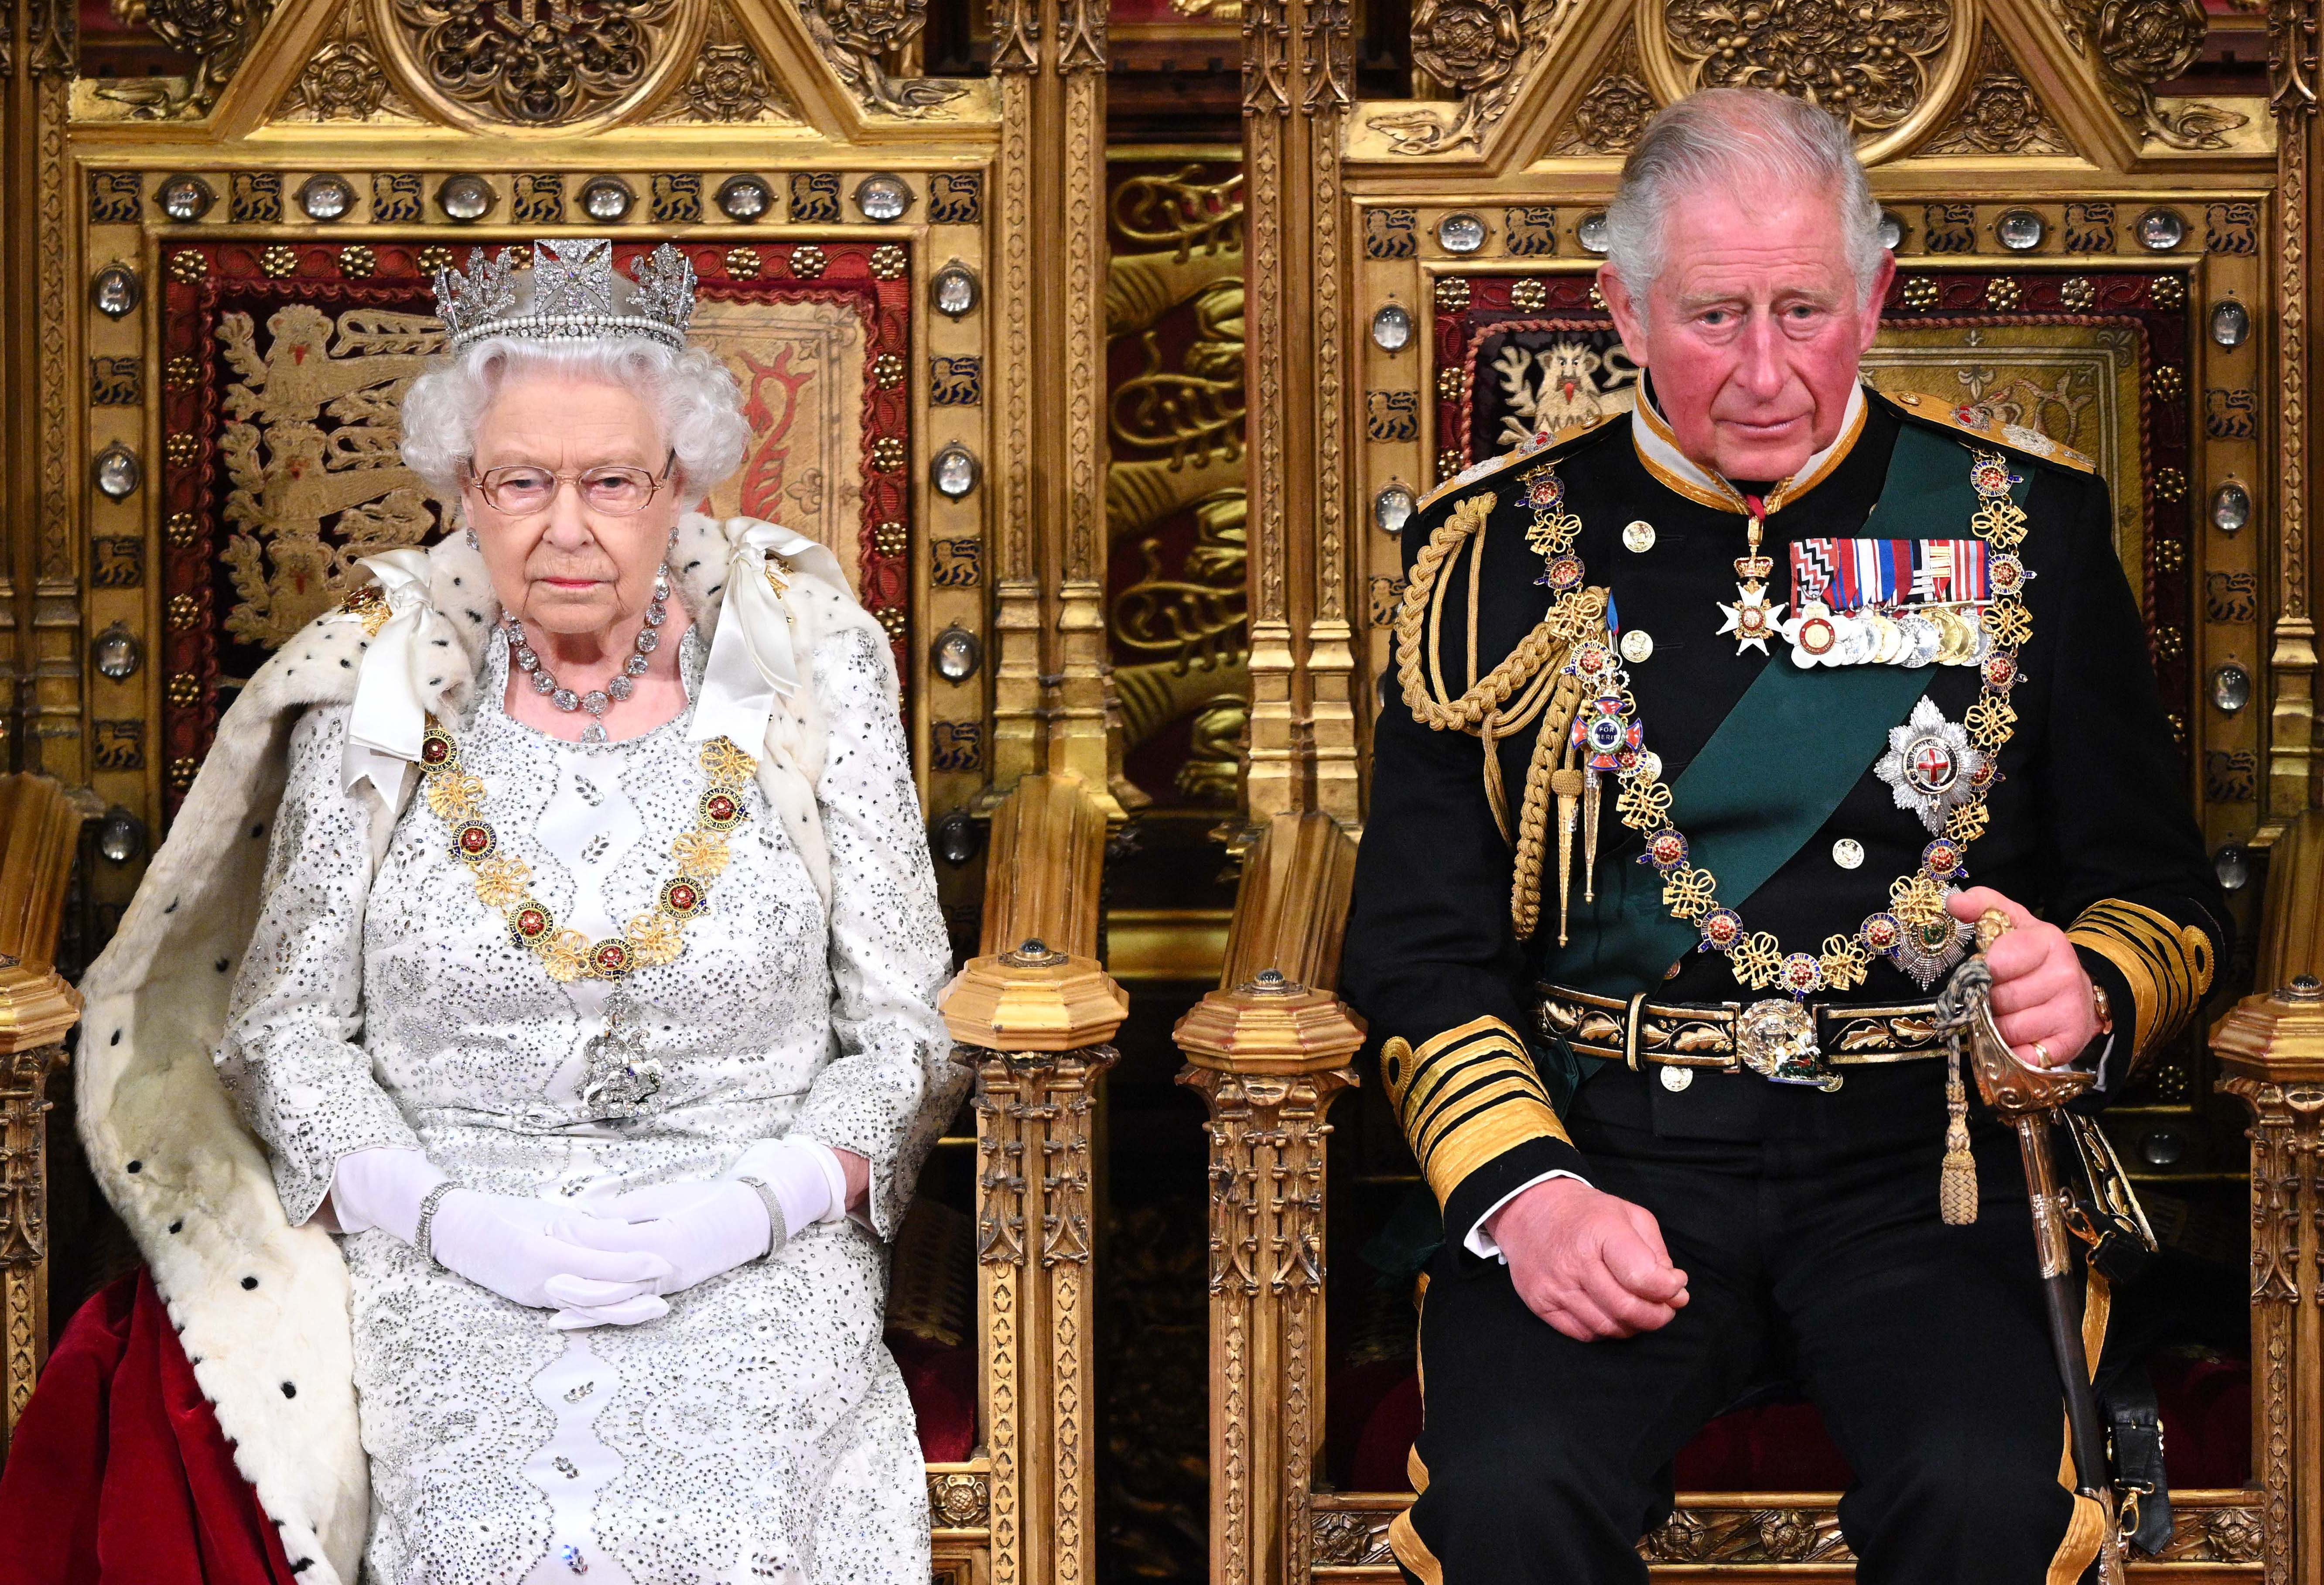 Принц Чарльз захотел превратить Букингемский дворец в музей, но Елизавета II поставила сына на место